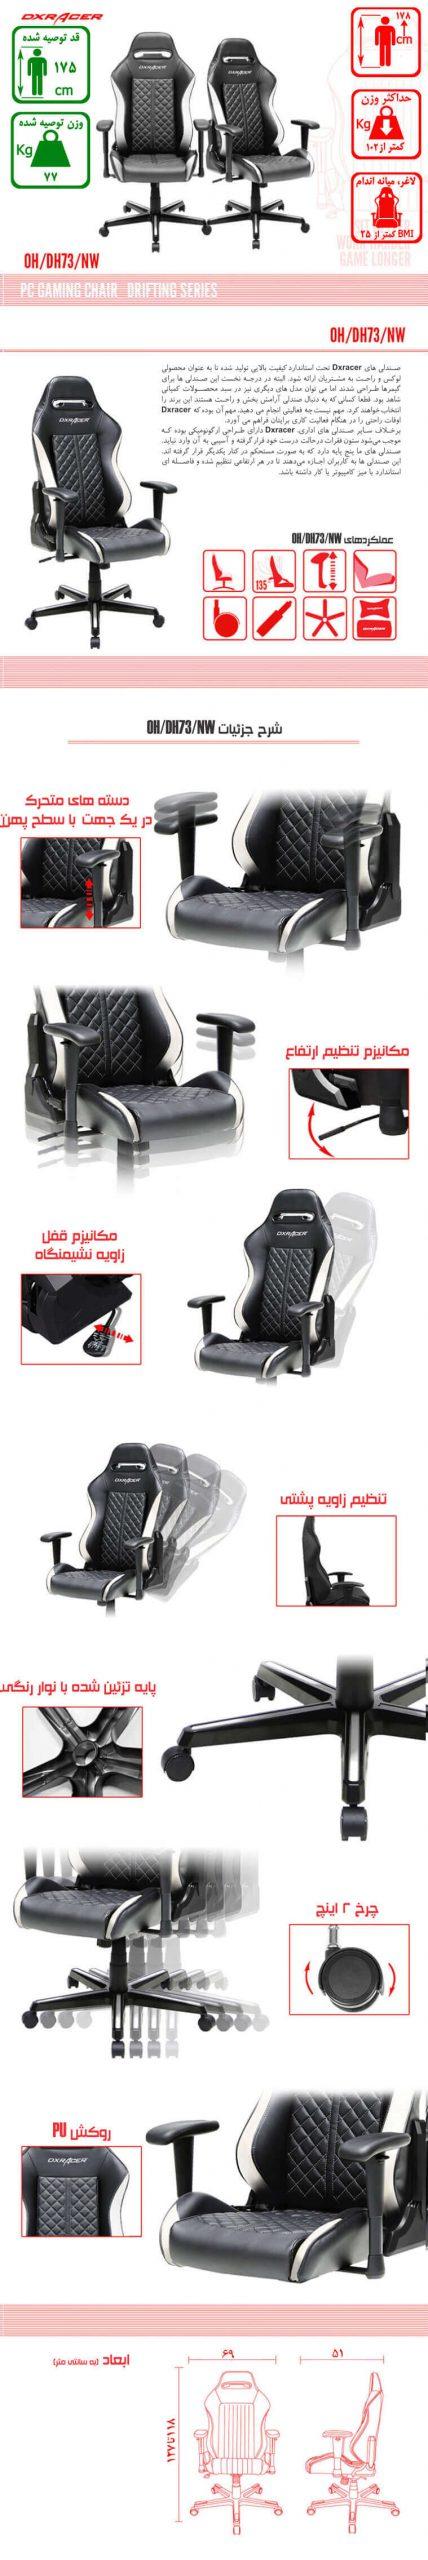 صندلی اداری DXRACER سری دریفتینگ مدل OH DH73 NW